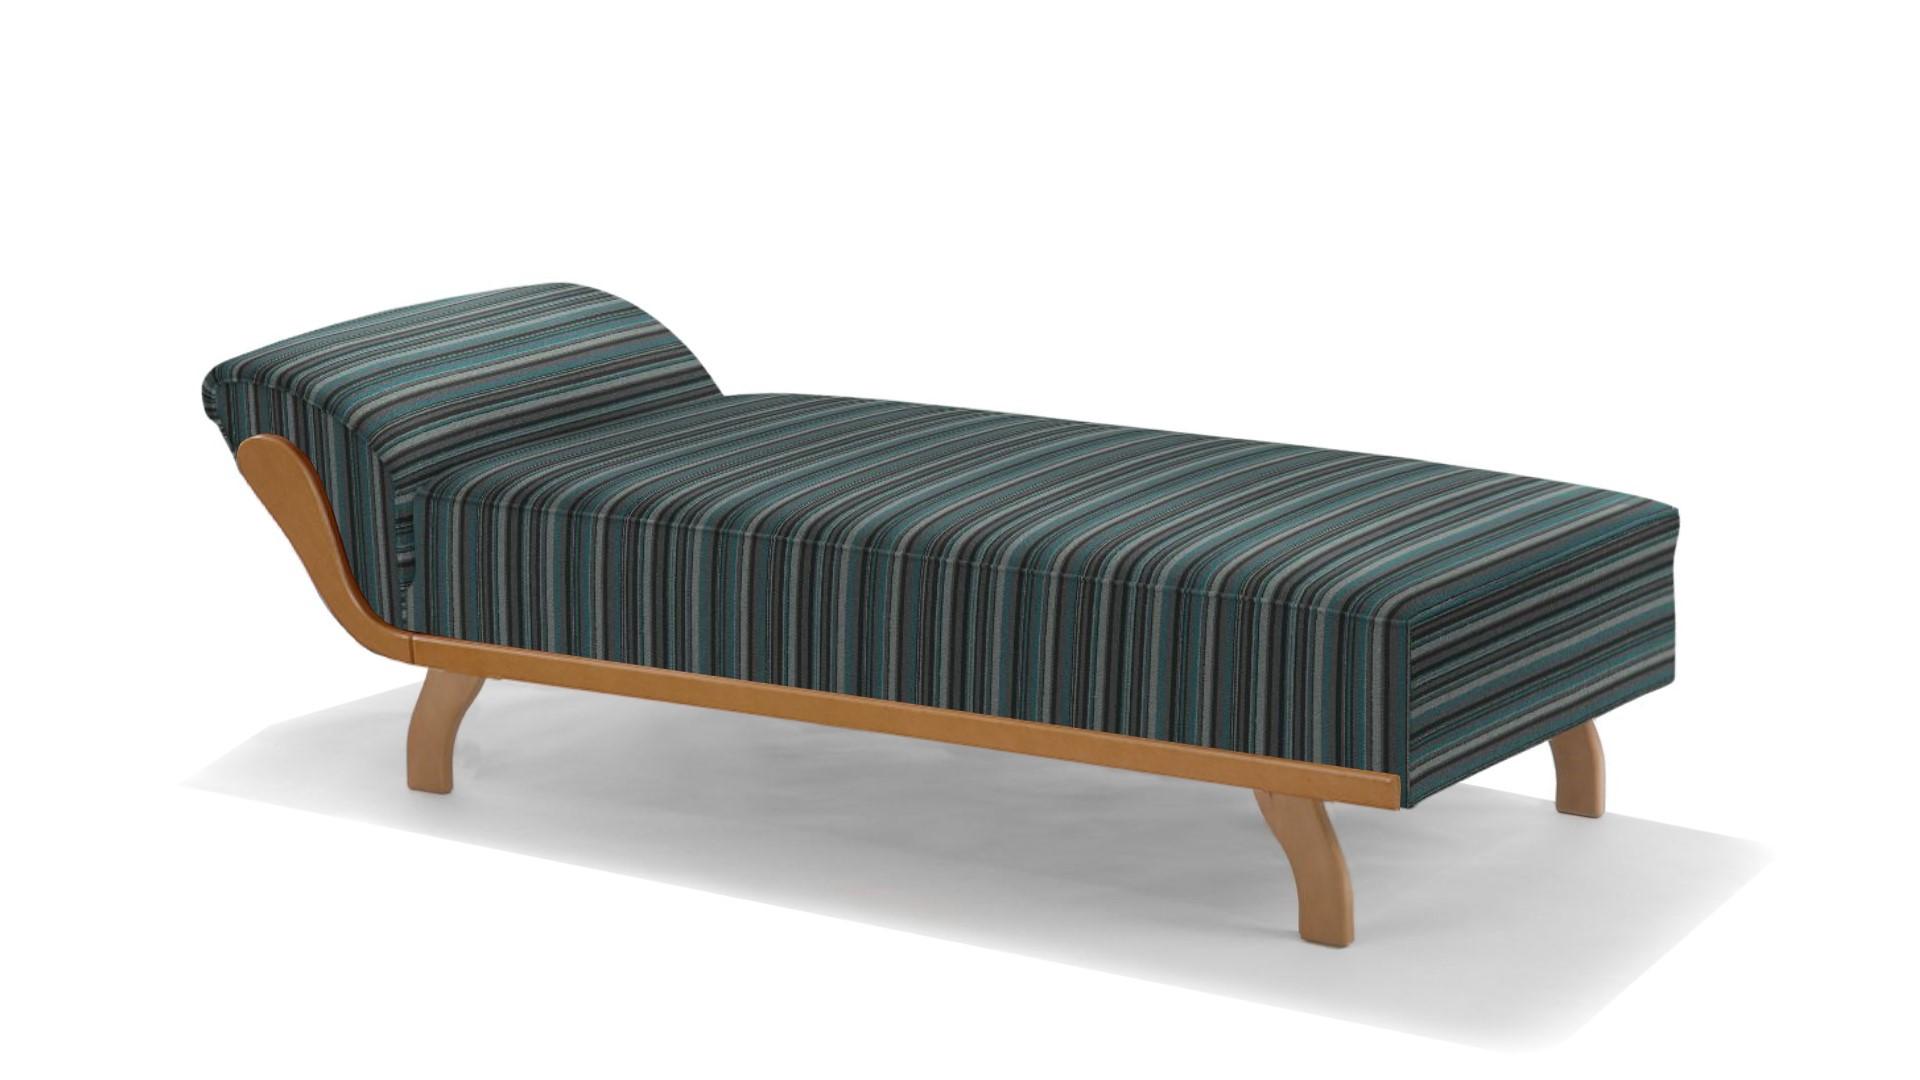 Full Size of Mokumuku Franz Kaufen Bullfrog Sessel Sofa Ecksofa Französische Betten Fertig Wohnzimmer Mokumuku Franz